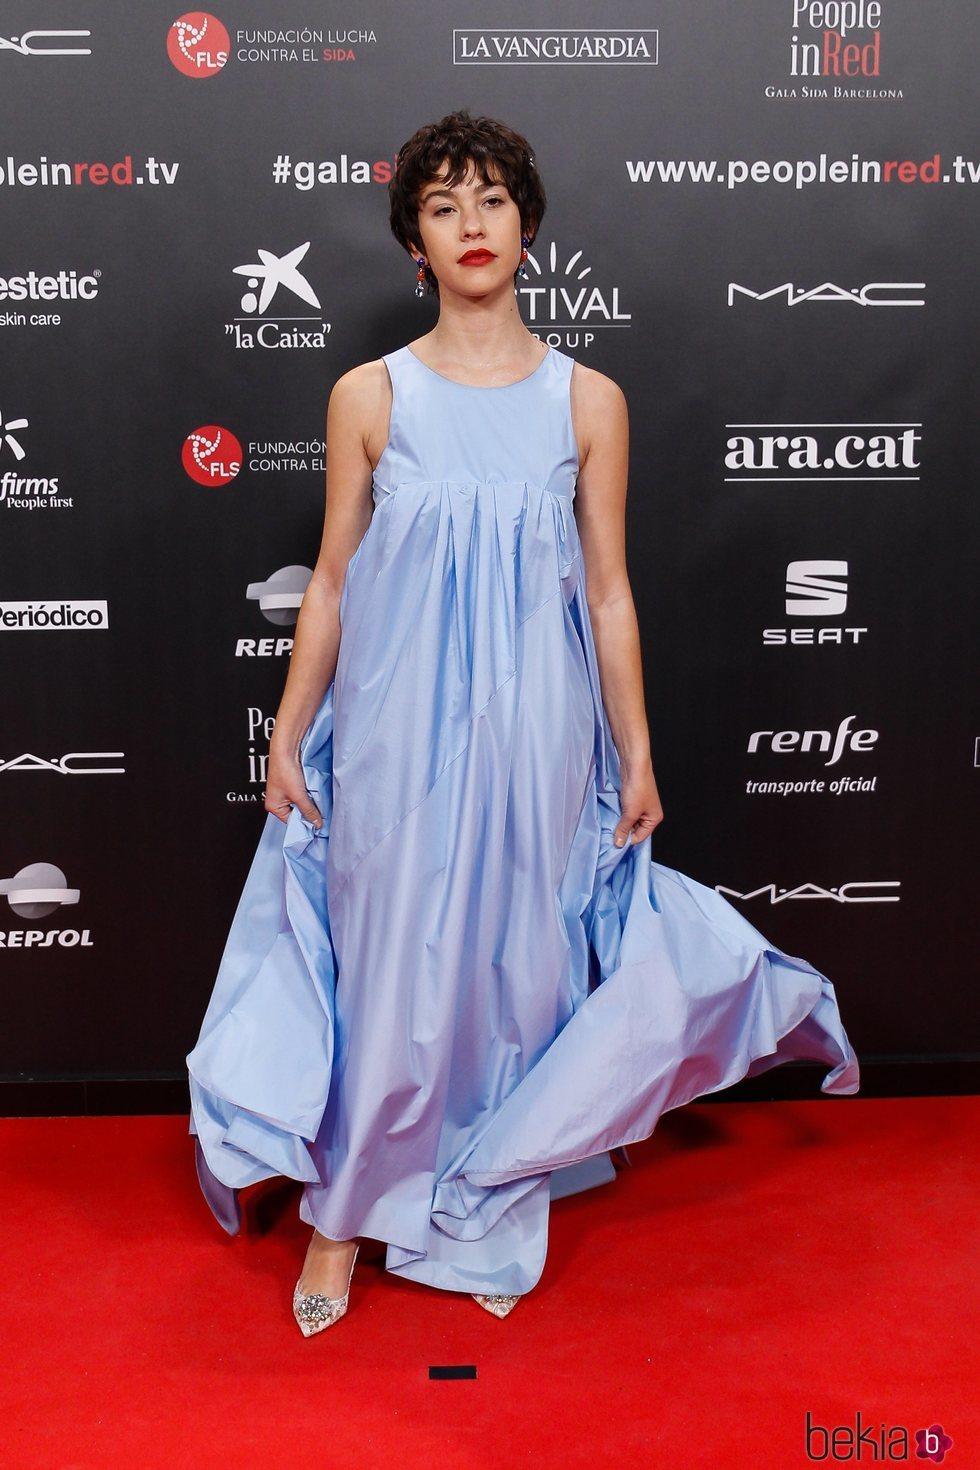 Greta Fernández en la gala People in Red 2019